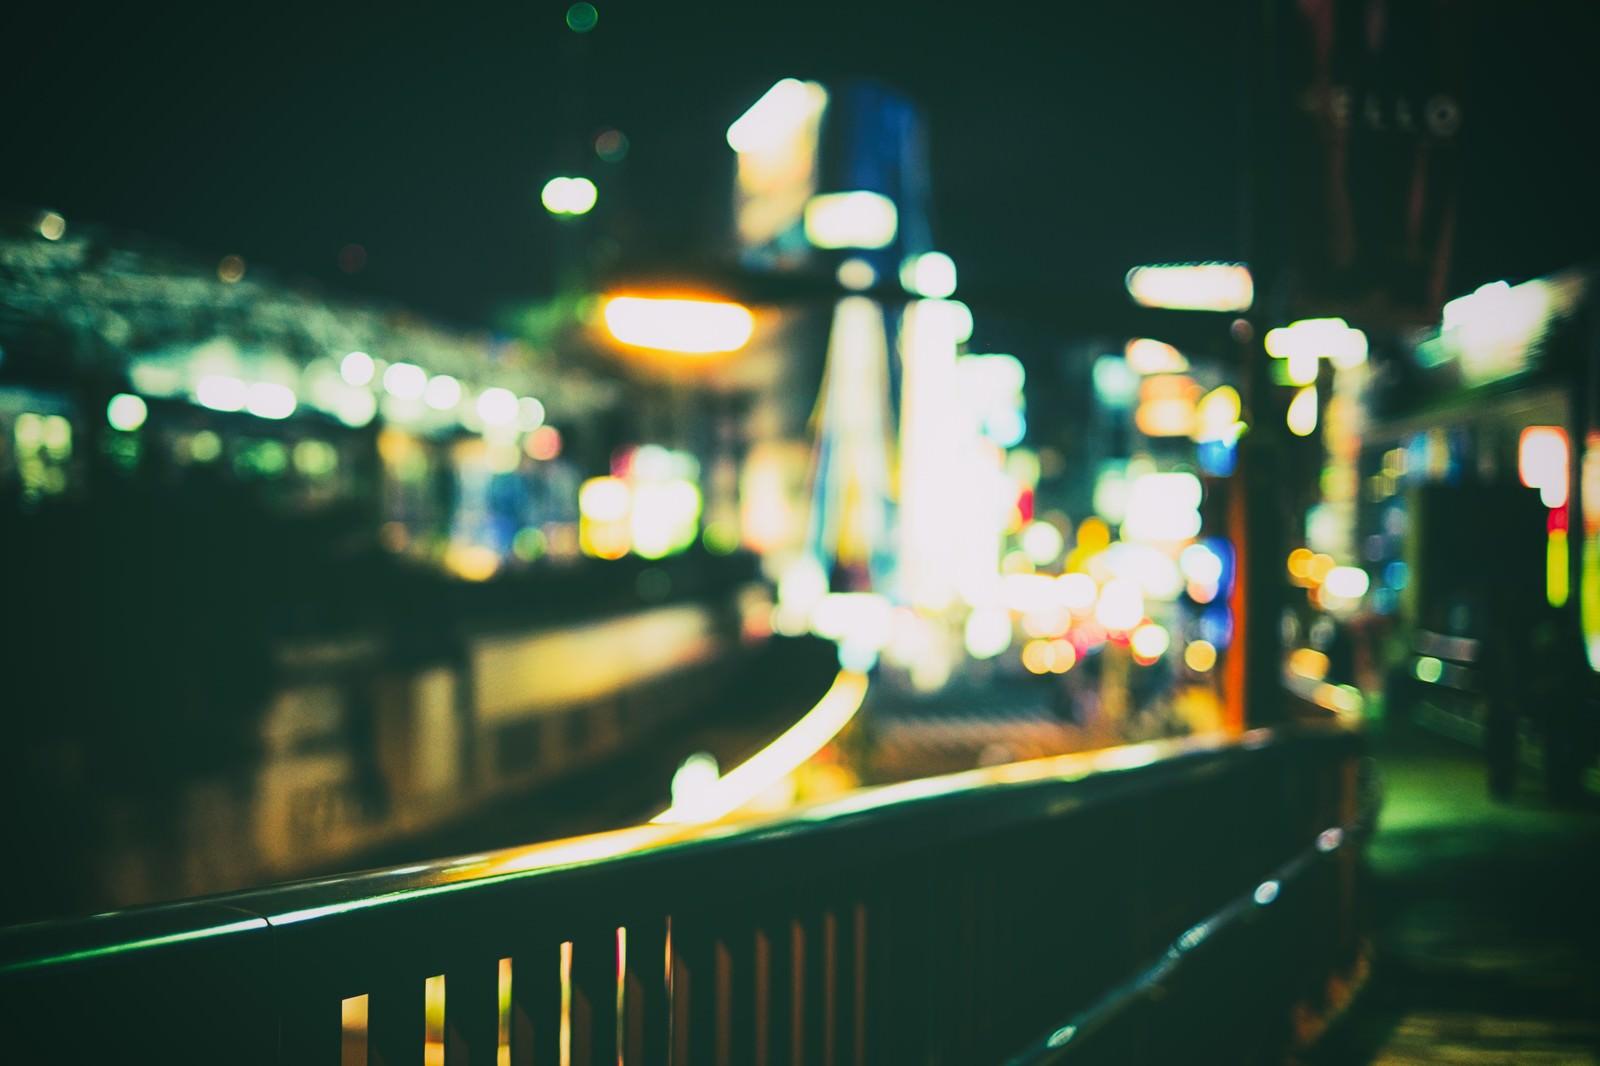 「ボケ味ある夜の街(手すり)」の写真